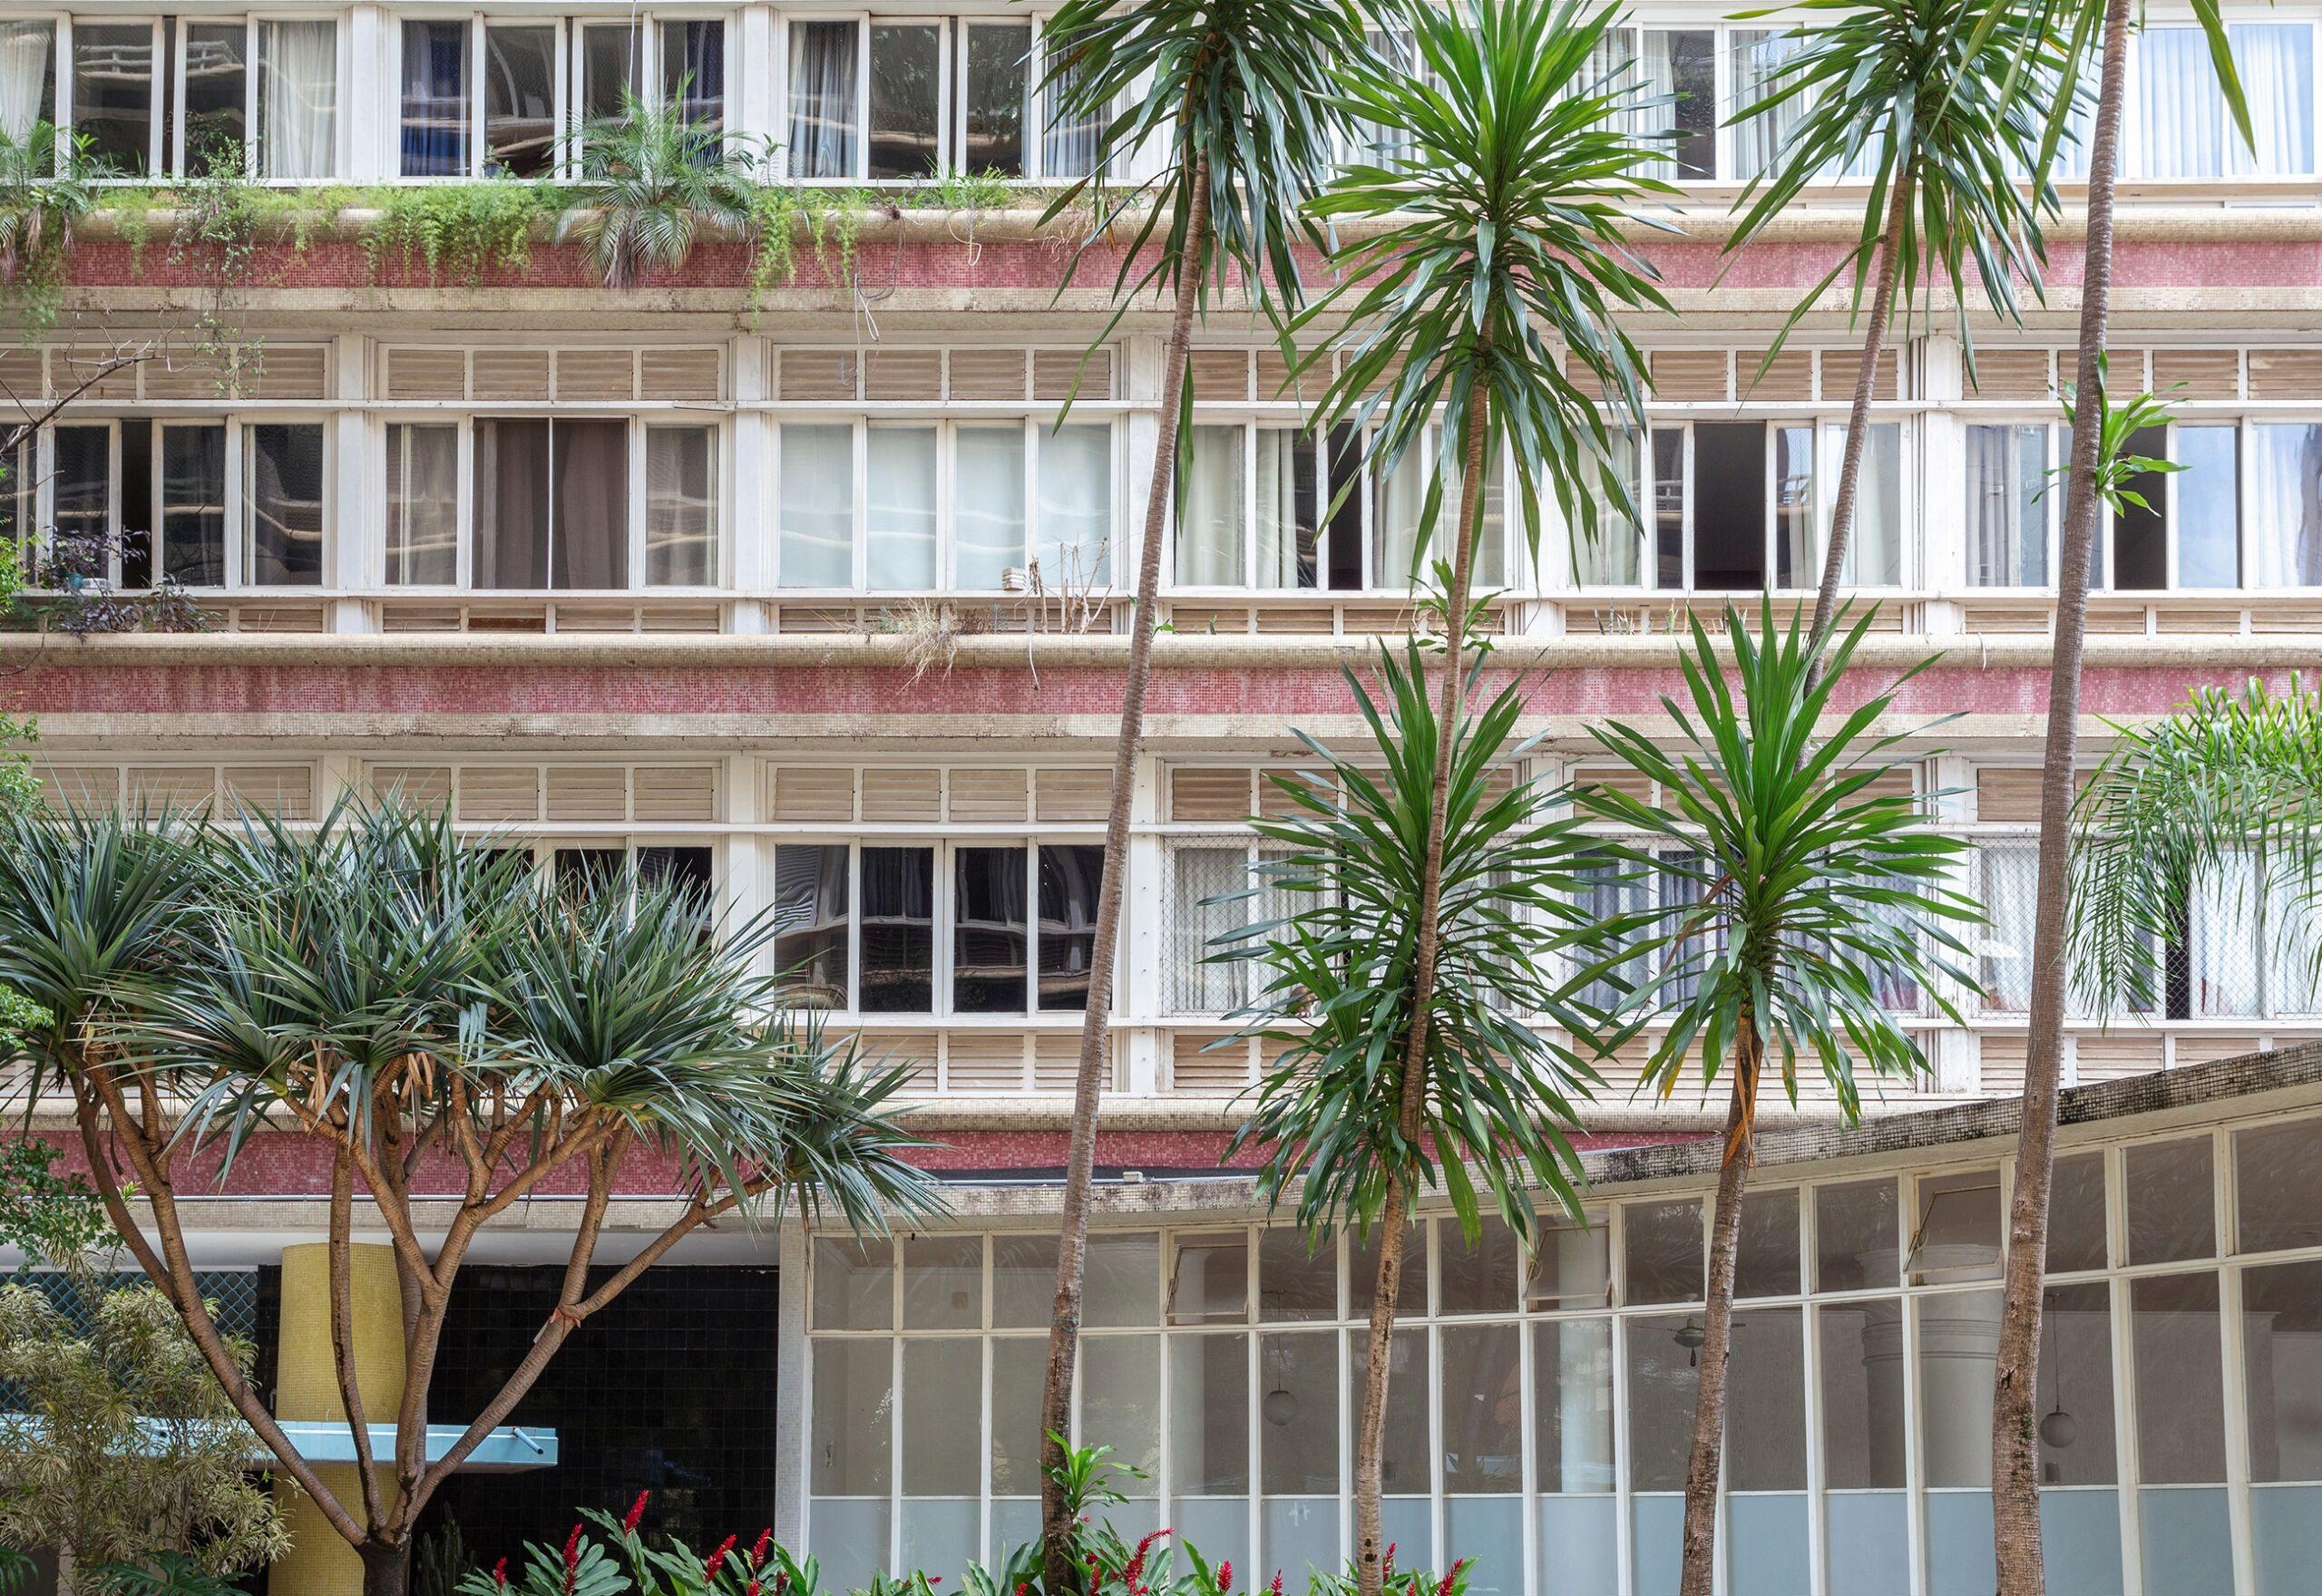 Fachada do Edifício Parque das Hortênsias, de Artacho Jurado